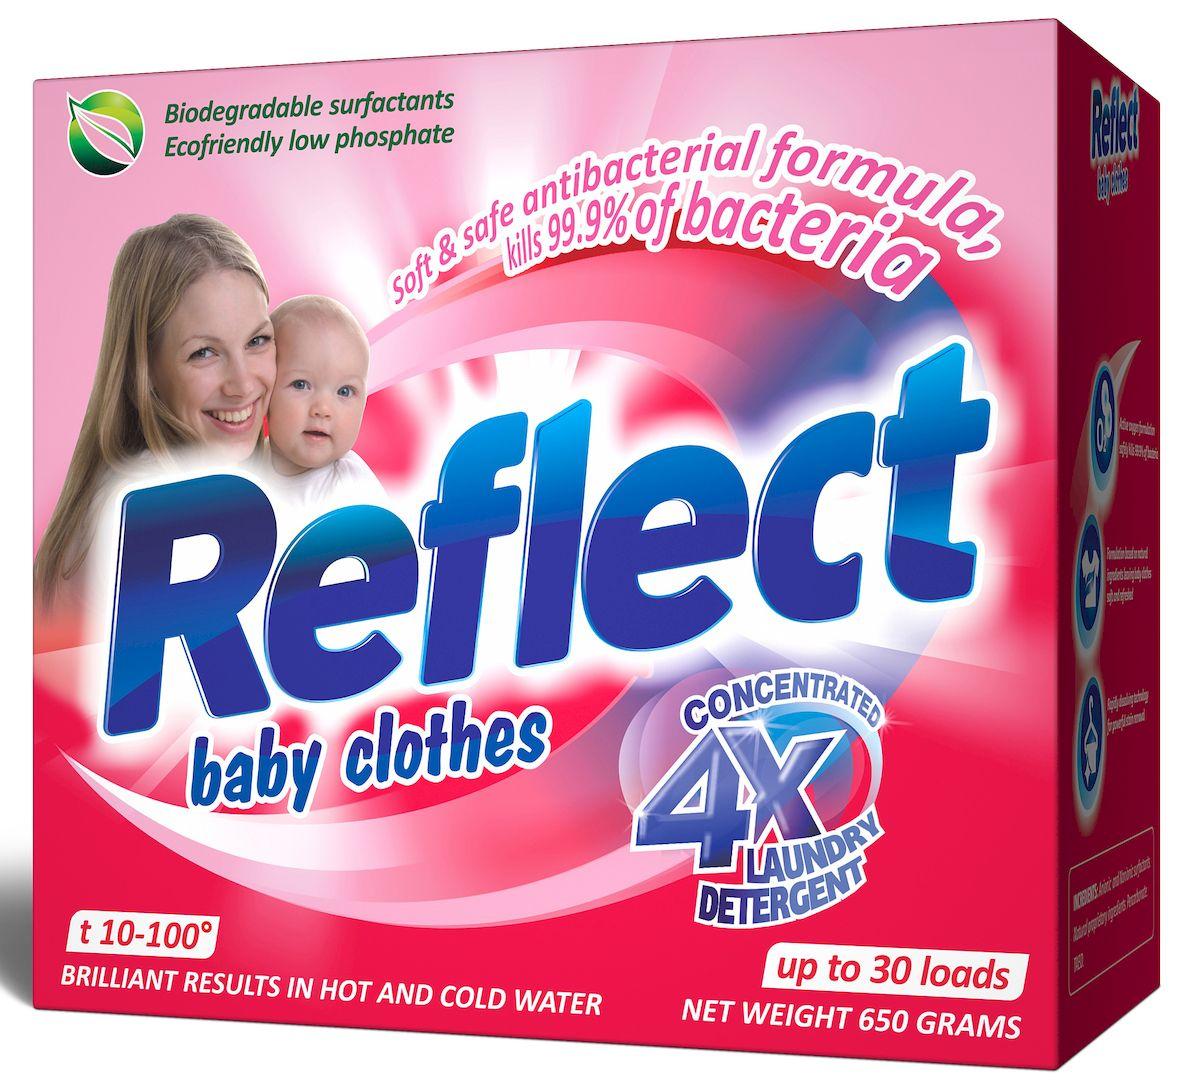 Стиральный порошок Reflect Baby Clothes, концентрированный, 650 г15040Reflect Baby Clothes - это концентрированный стиральный порошок для детского белья с первых дней жизни ребенка от 0 месяцев. На основе натурального мыла легко справляется со специфическими загрязнениями от жизнедеятельности ребенка. Стиральный порошок Reflect Baby Clothes: - отлично удаляет пятна (молоко, детское питание, каши, пюре, сок и т.д.); - гипоаллергенный, для людей с чувствительной кожей; - для всех типов ткани, включая шерсть; - от 10 до 100°С для белого и цветного белья, обновляет цвет, сохраняет структуру ткани; - экопродукт, полностью выполаскивается. Состав: 10-30% анионные и неионогенные ПАВ, < 5% натуральные запатентованные ингредиенты, 5-20% перкаборнат, < 5% TAED. Рекомендуем!